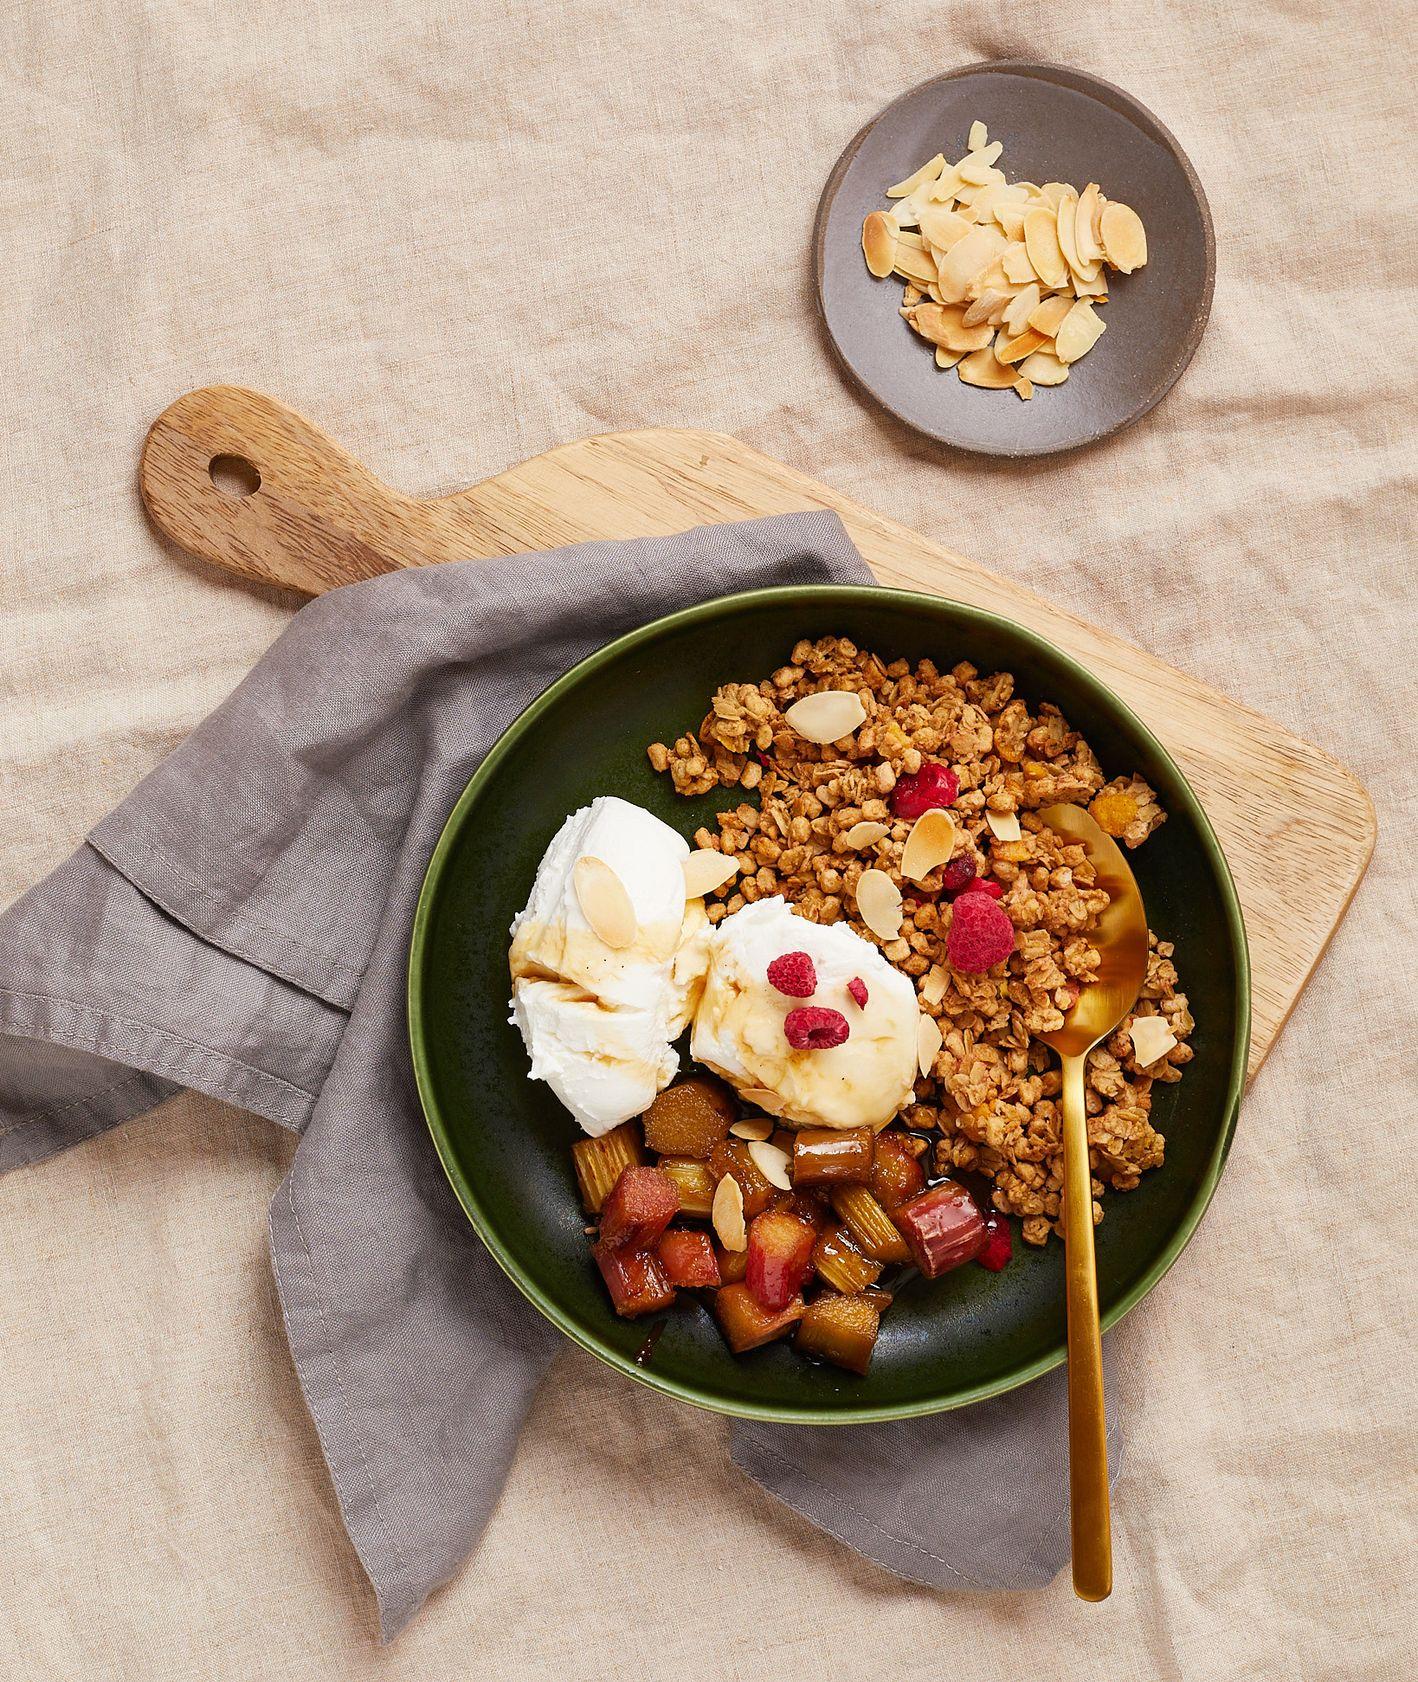 Jogurt zgranolą i rabarbarem zpatelni, szybkie i smaczne śniadanie, Targ Kręgliccy (fot. Maciek Niemojewski)